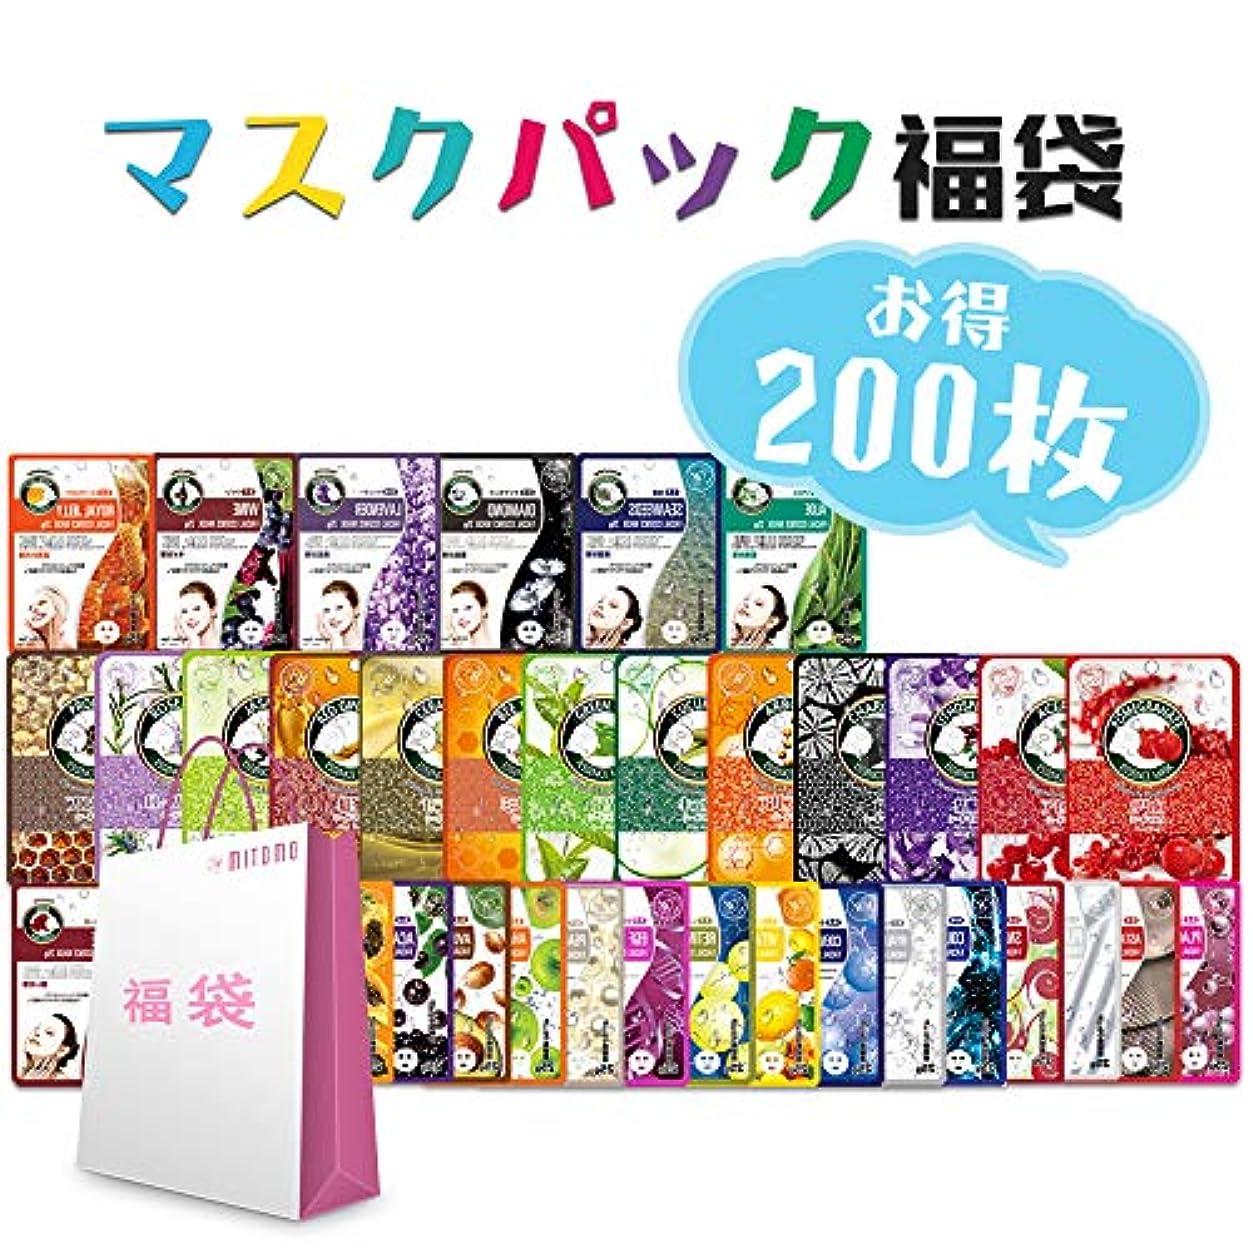 雑多な紛争コンチネンタル【LBPRJL0200】シートマスク/200枚/美容液/マスクパック/送料無料